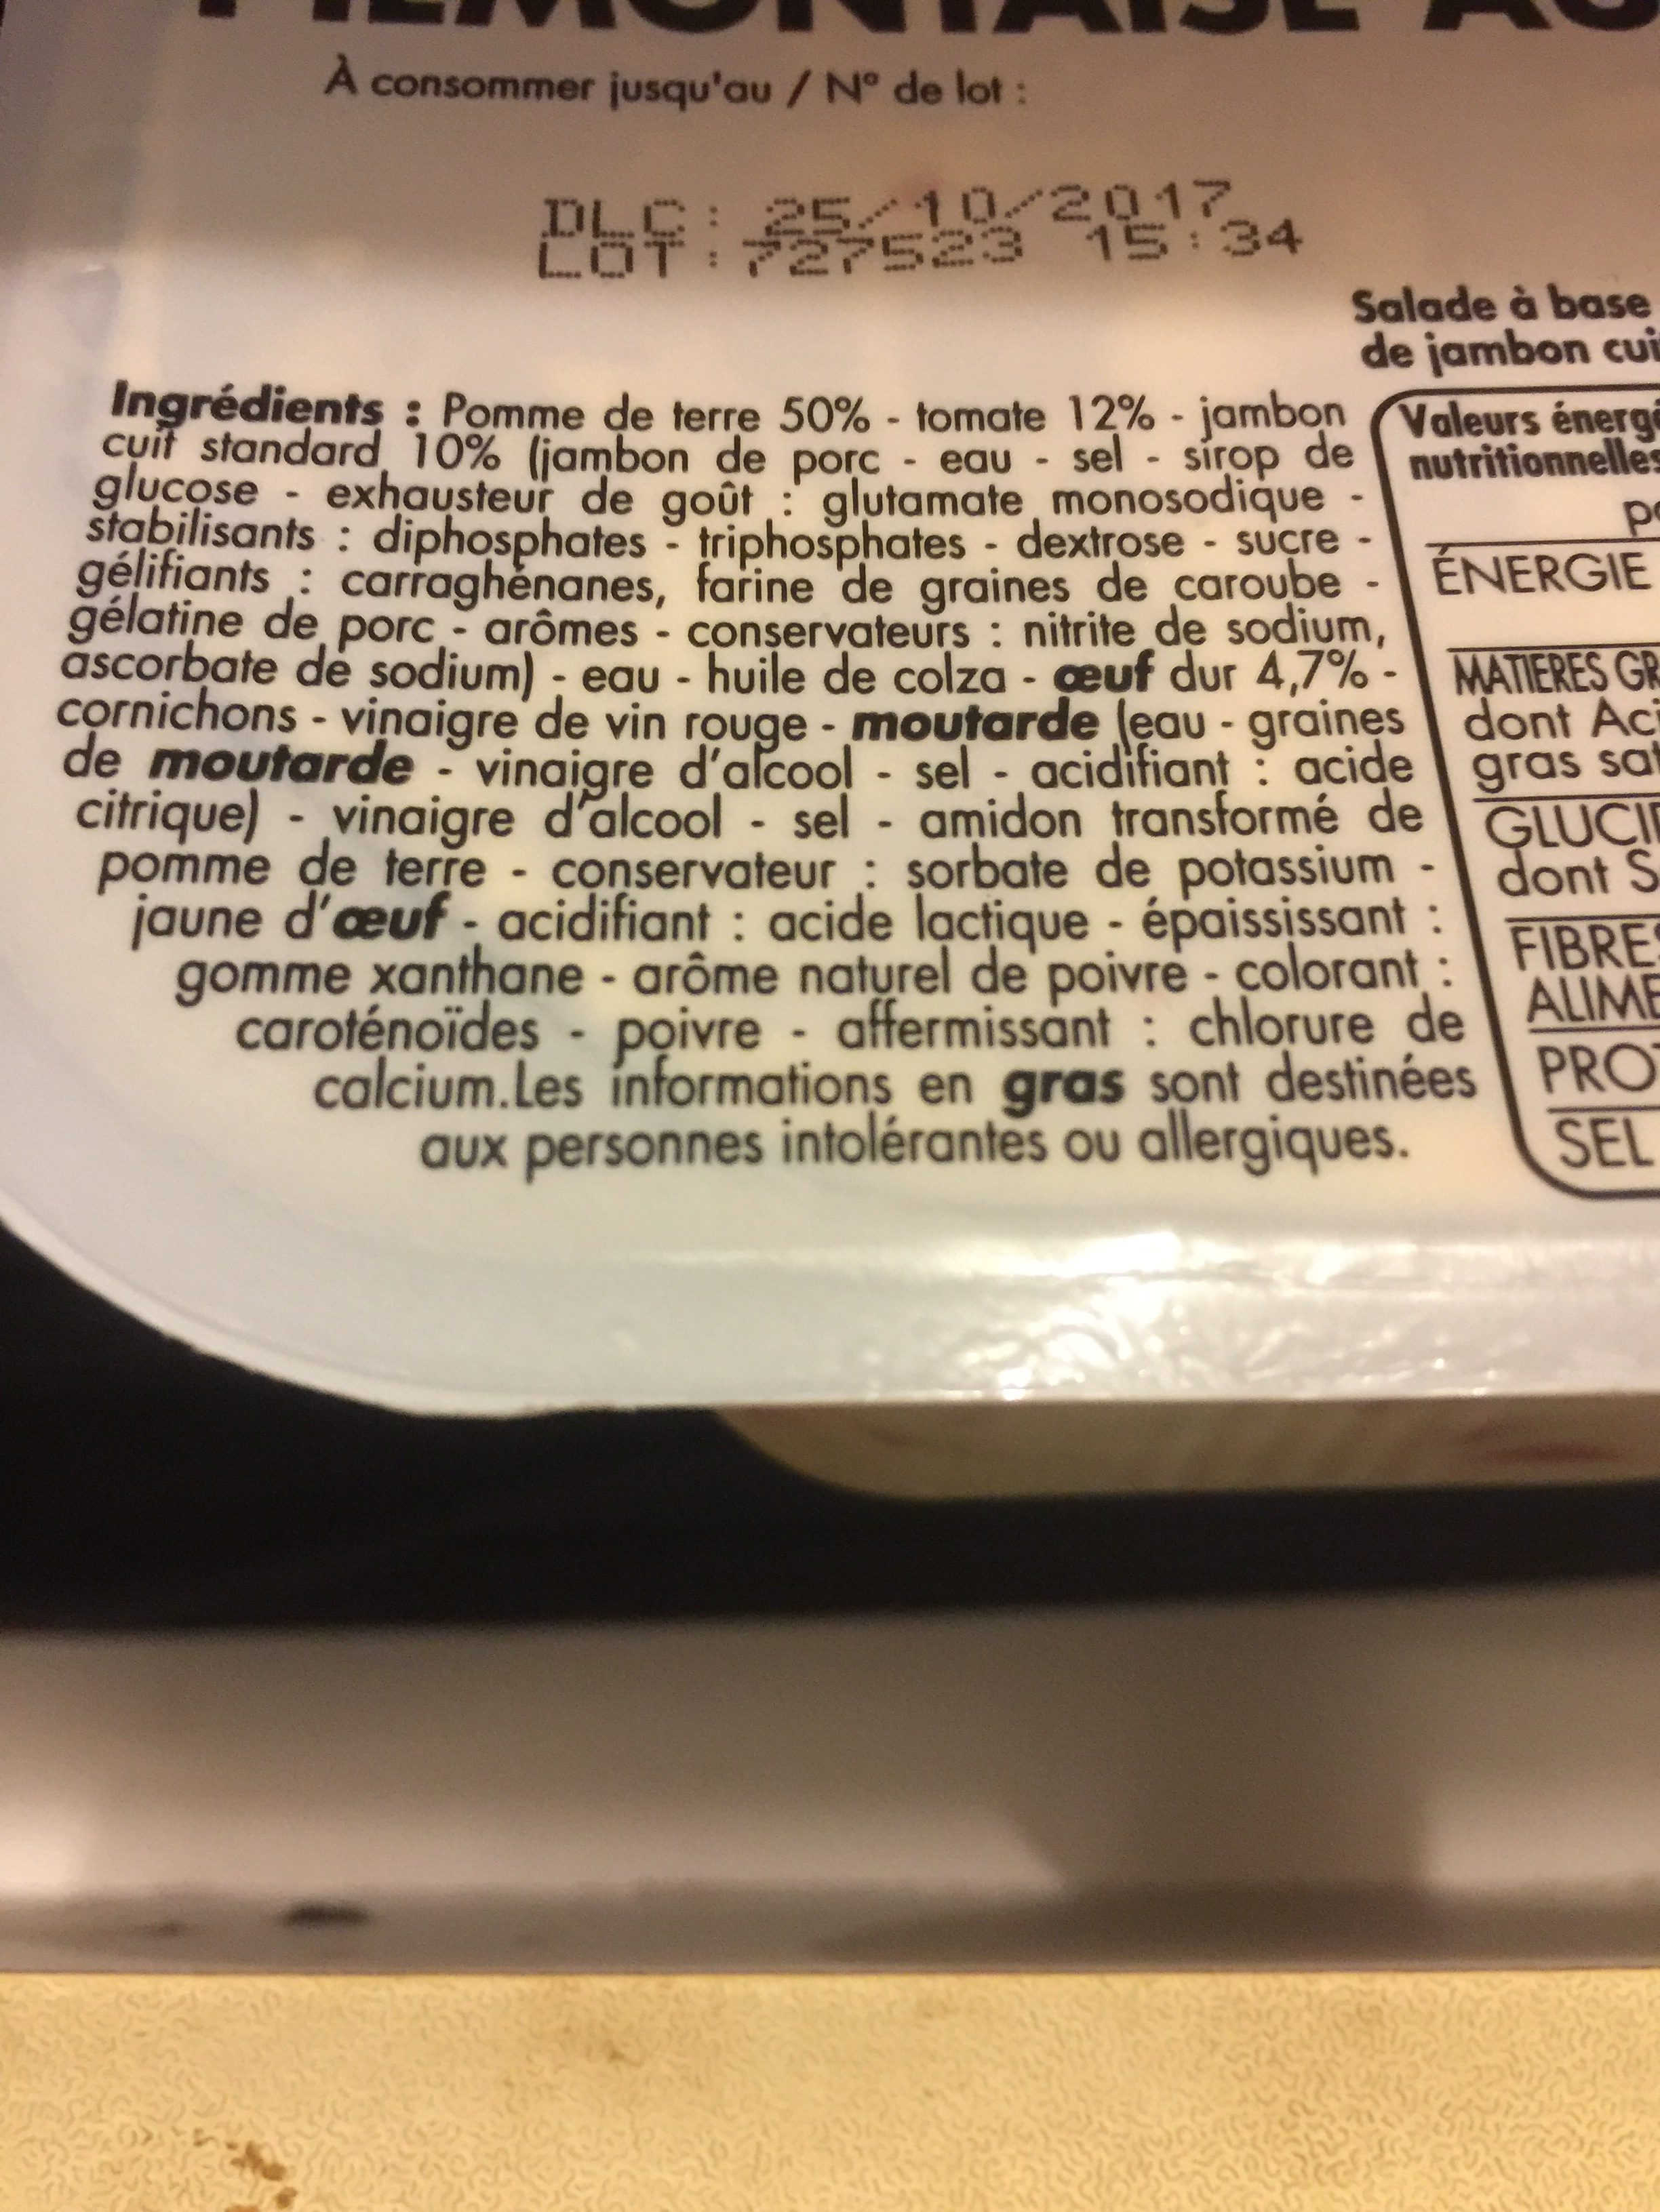 Piemontaise au jambon - Ingrediënten - fr